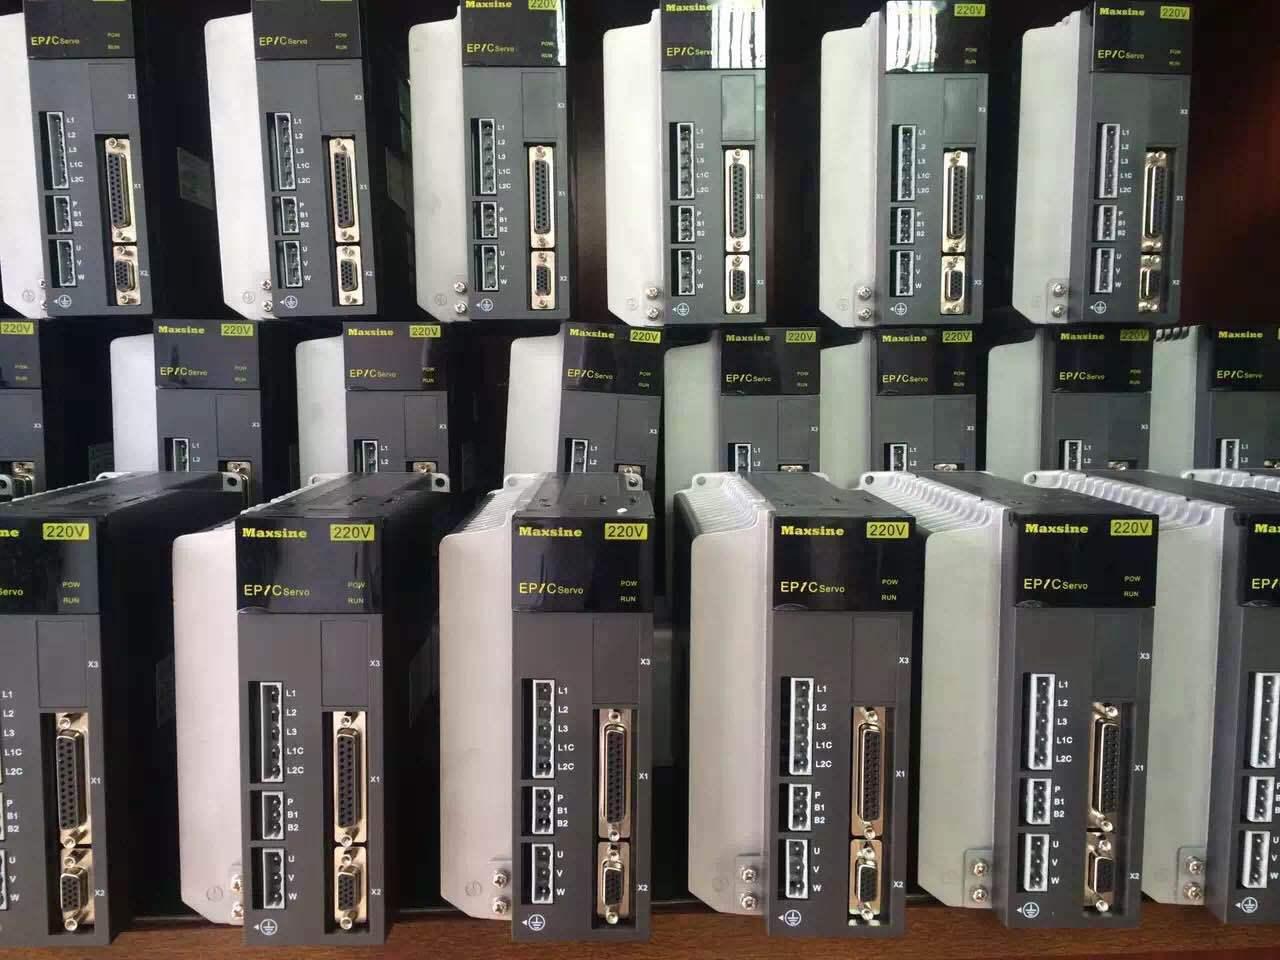 切袋机伺服电脑海利达800控制面板迈信伺服韦德伺服厂价直销